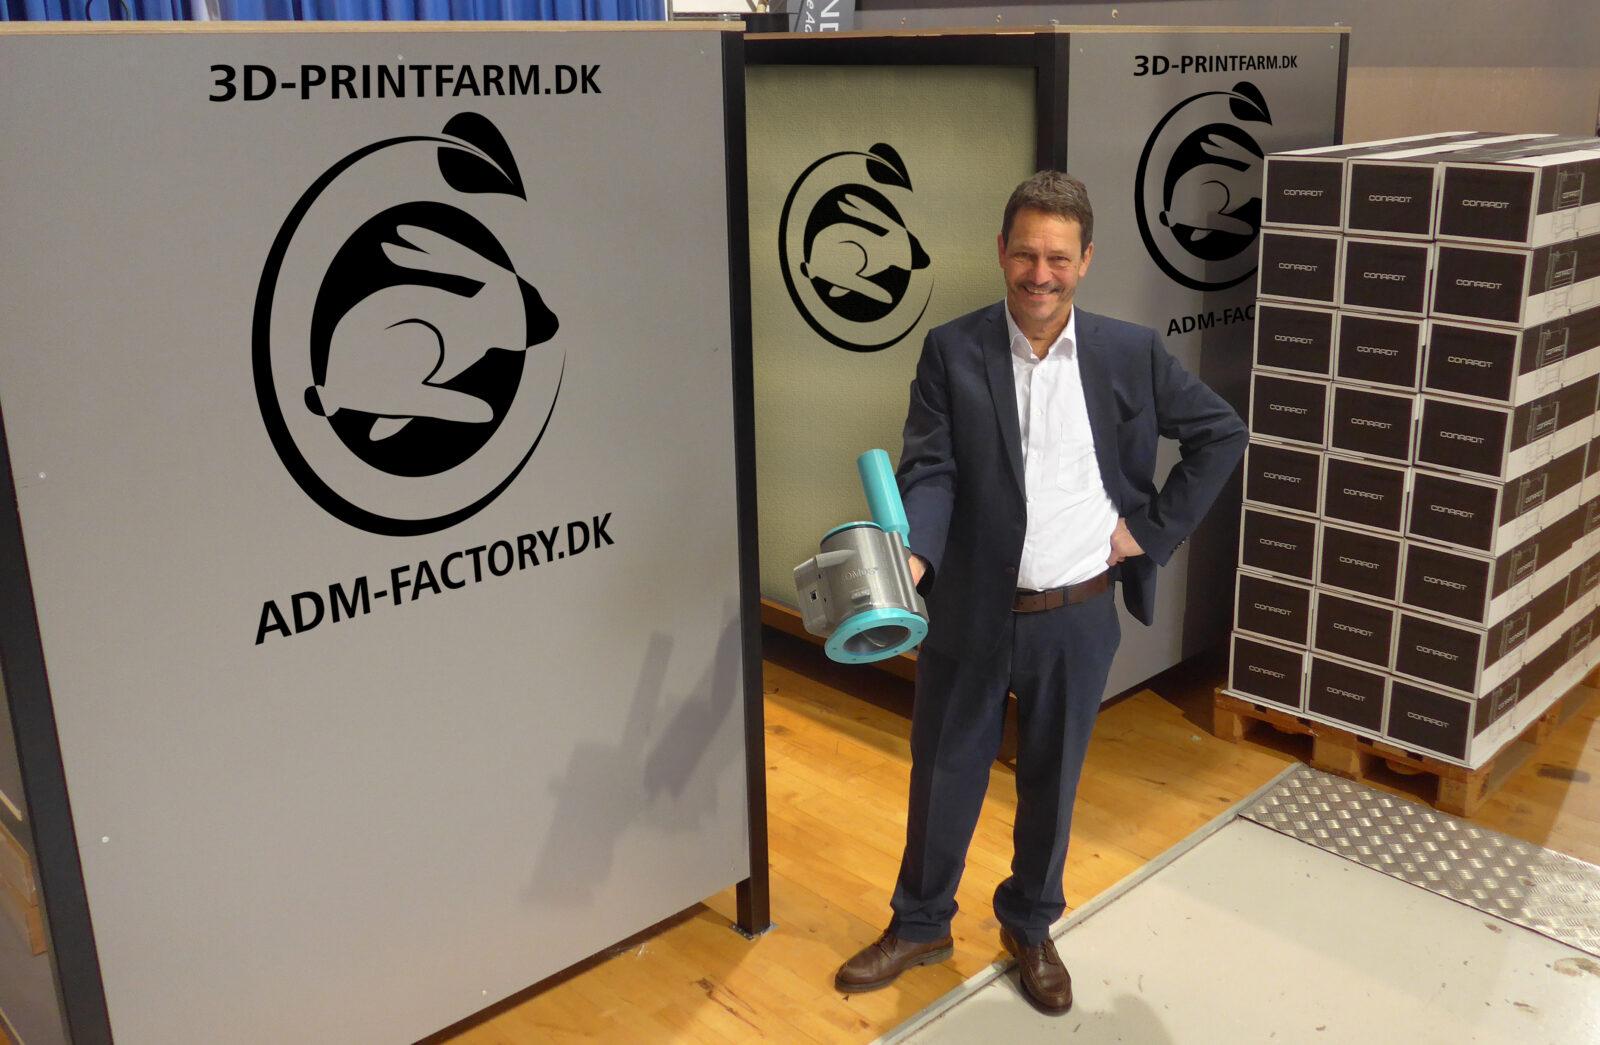 3D printfarm